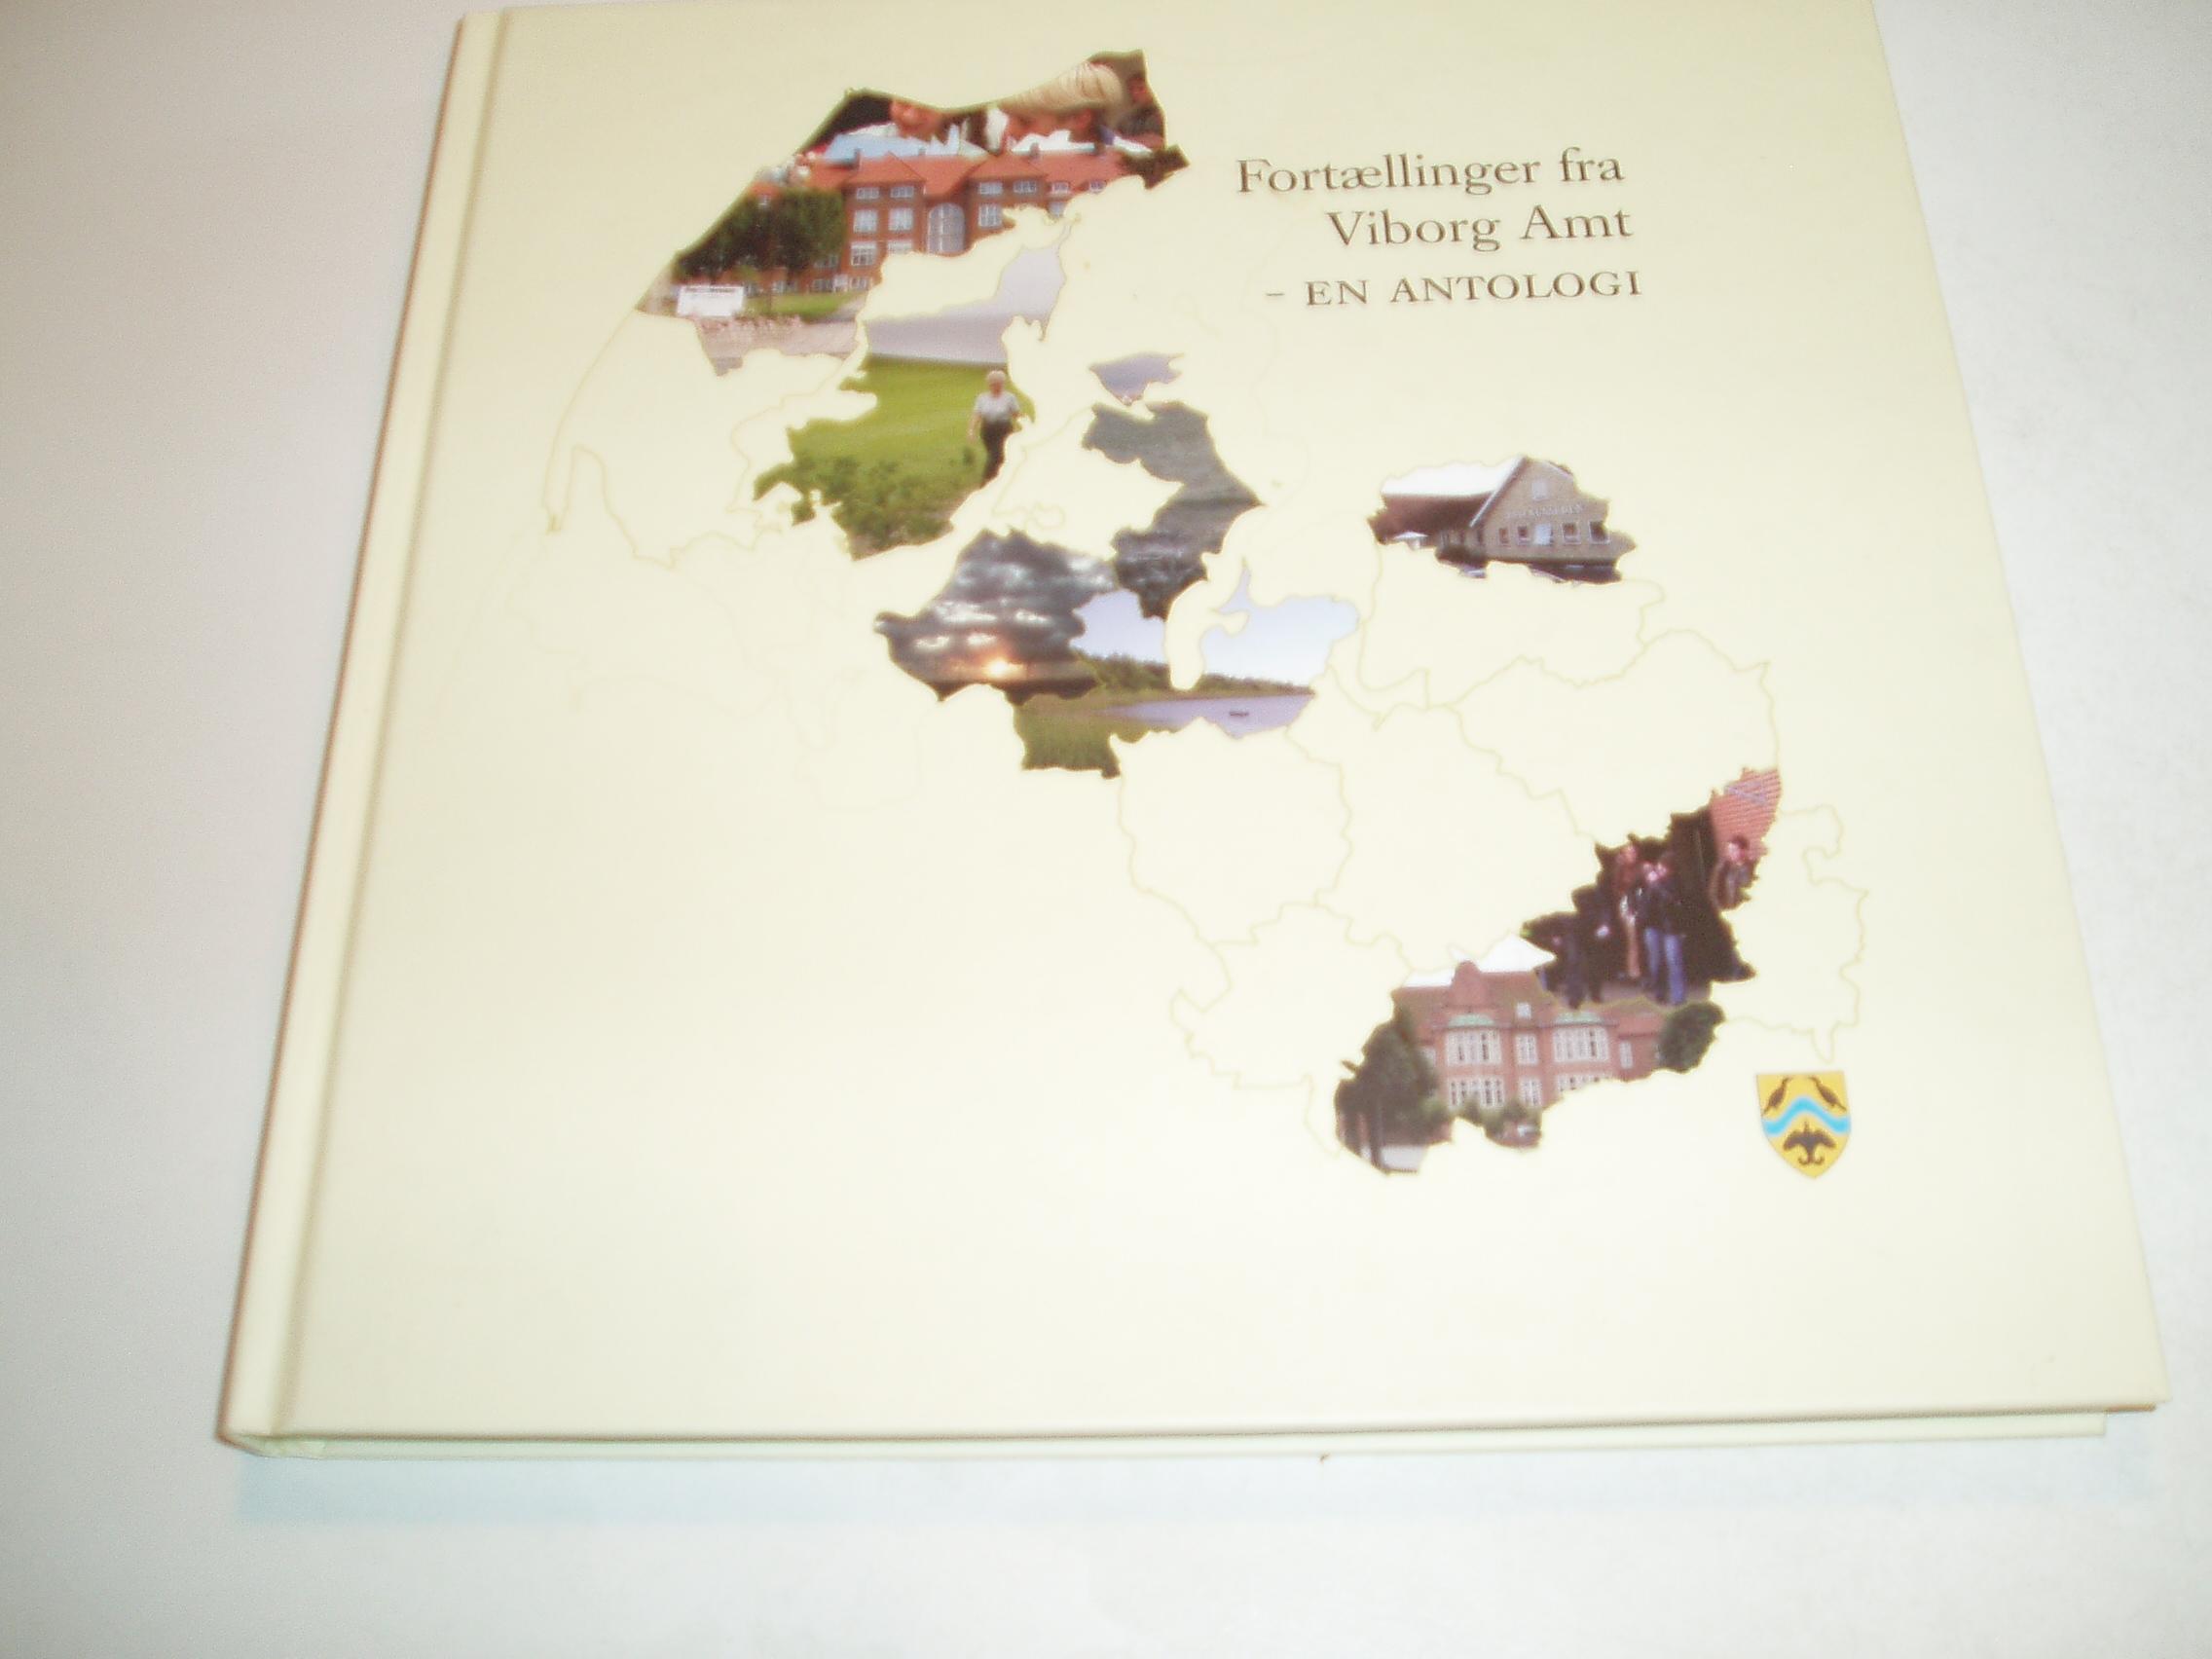 Fortællinger fra Viborg Amt - en antologi